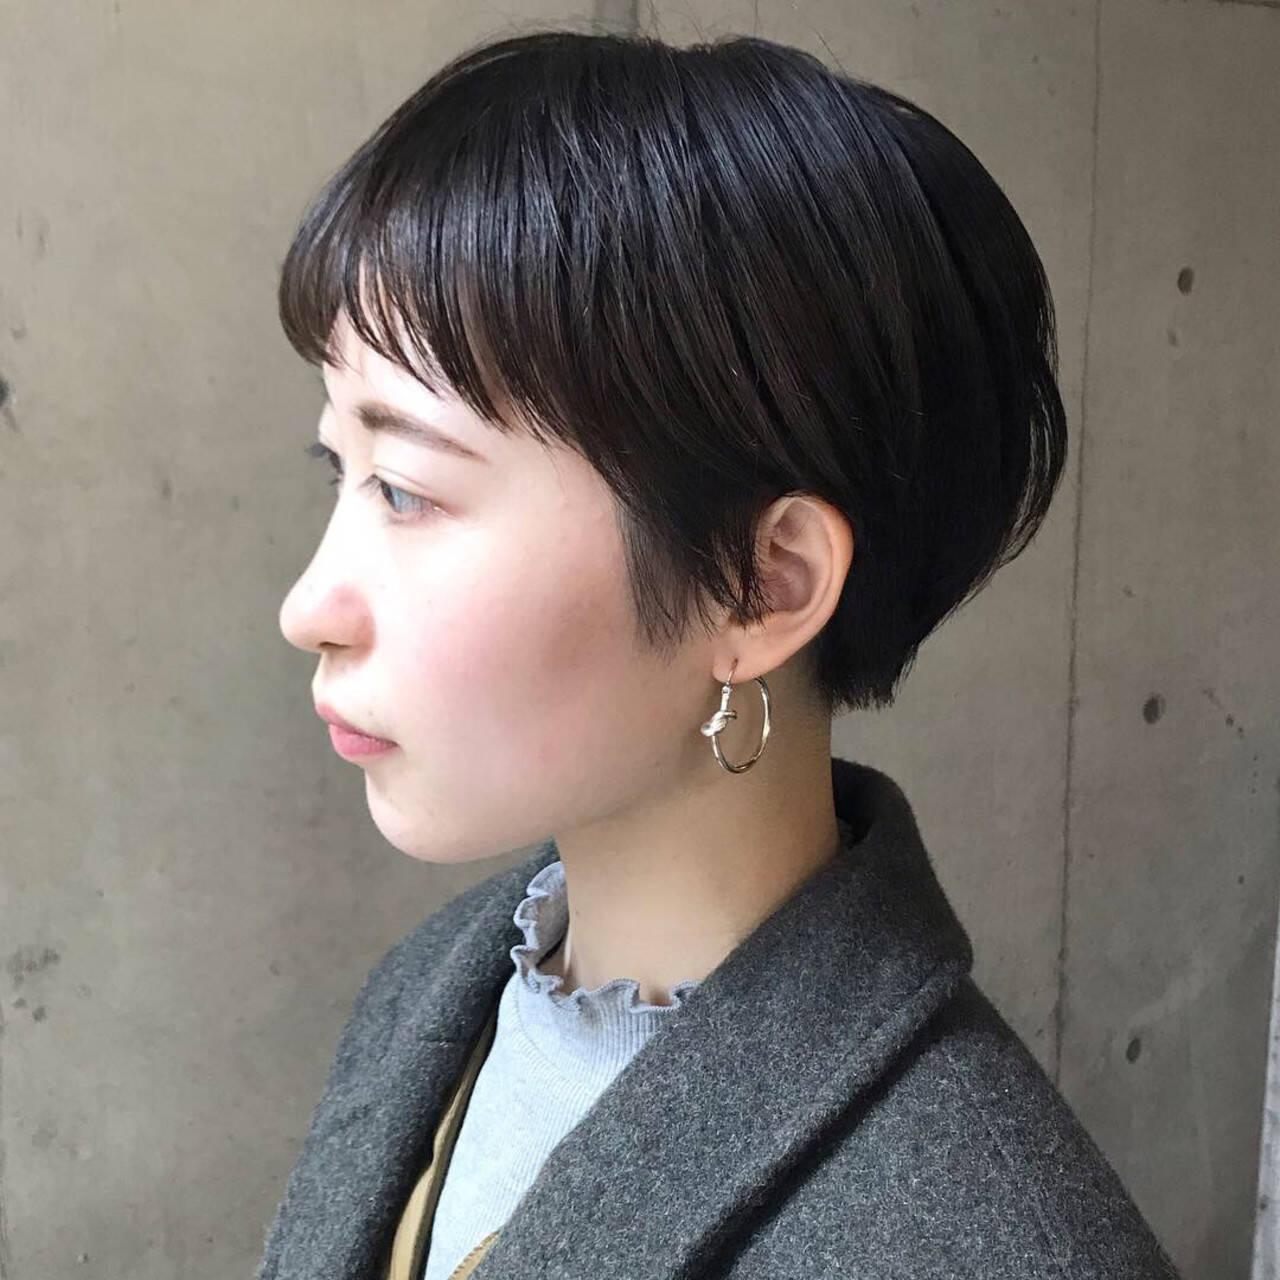 ハンサムショート アンニュイほつれヘア 大人かわいい ショートボブヘアスタイルや髪型の写真・画像